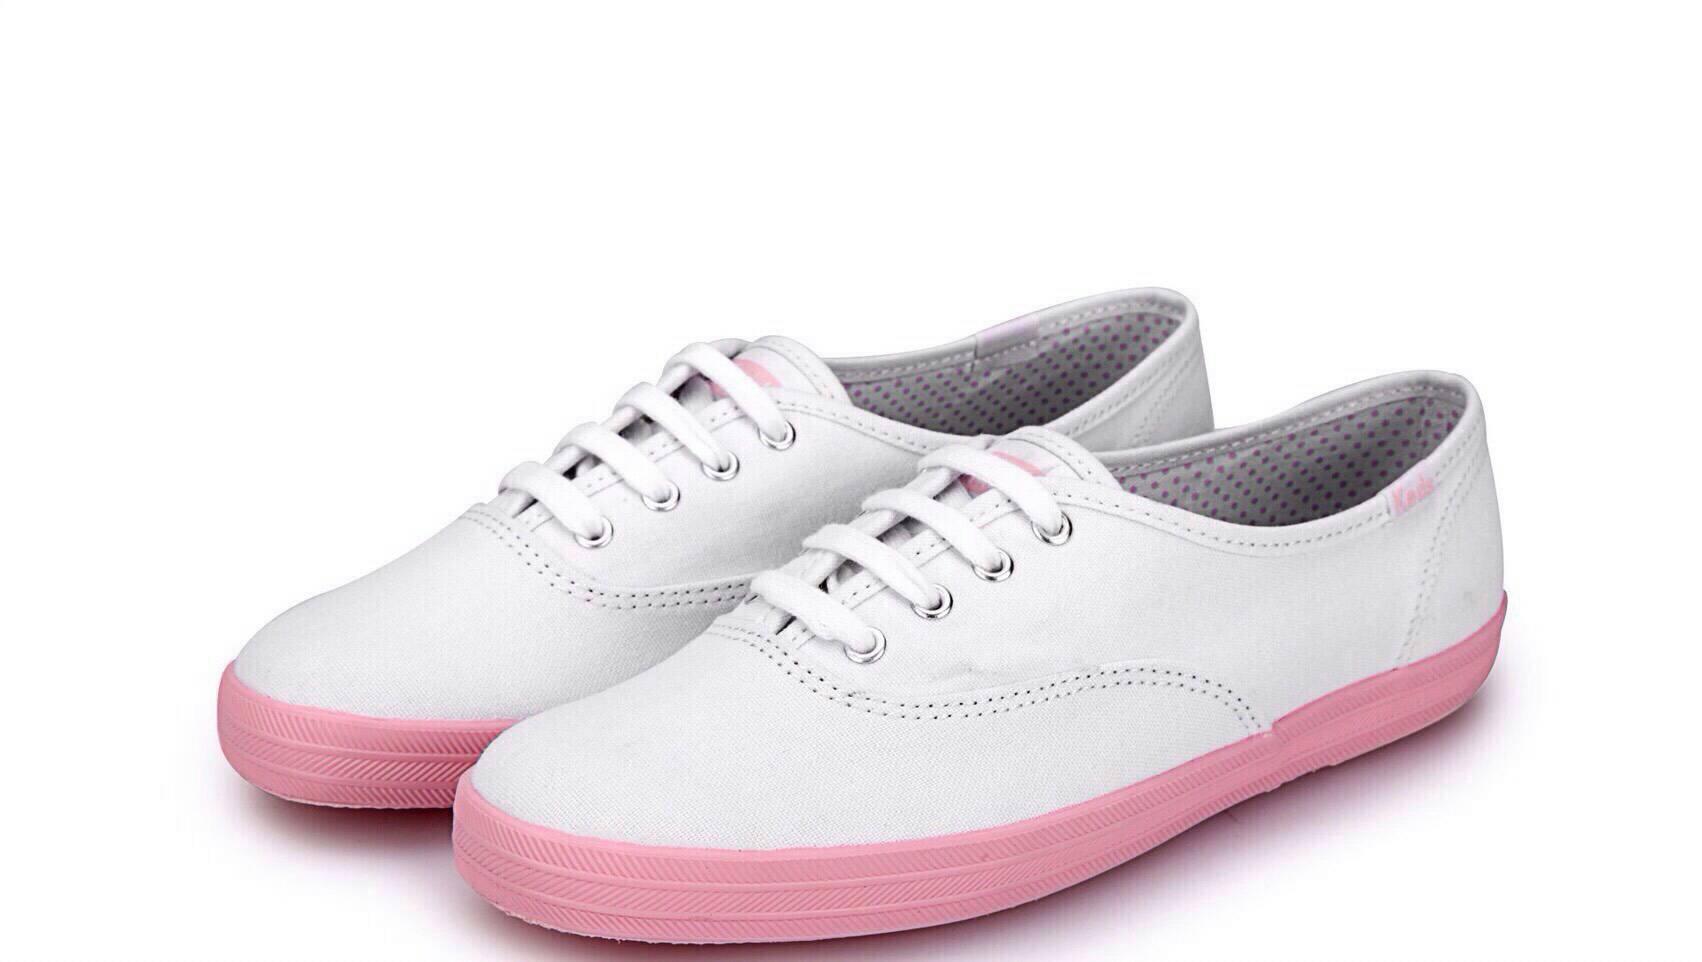 *รองเท้าkedsรุ่นใหม่ตรงส้นสีชมพู *